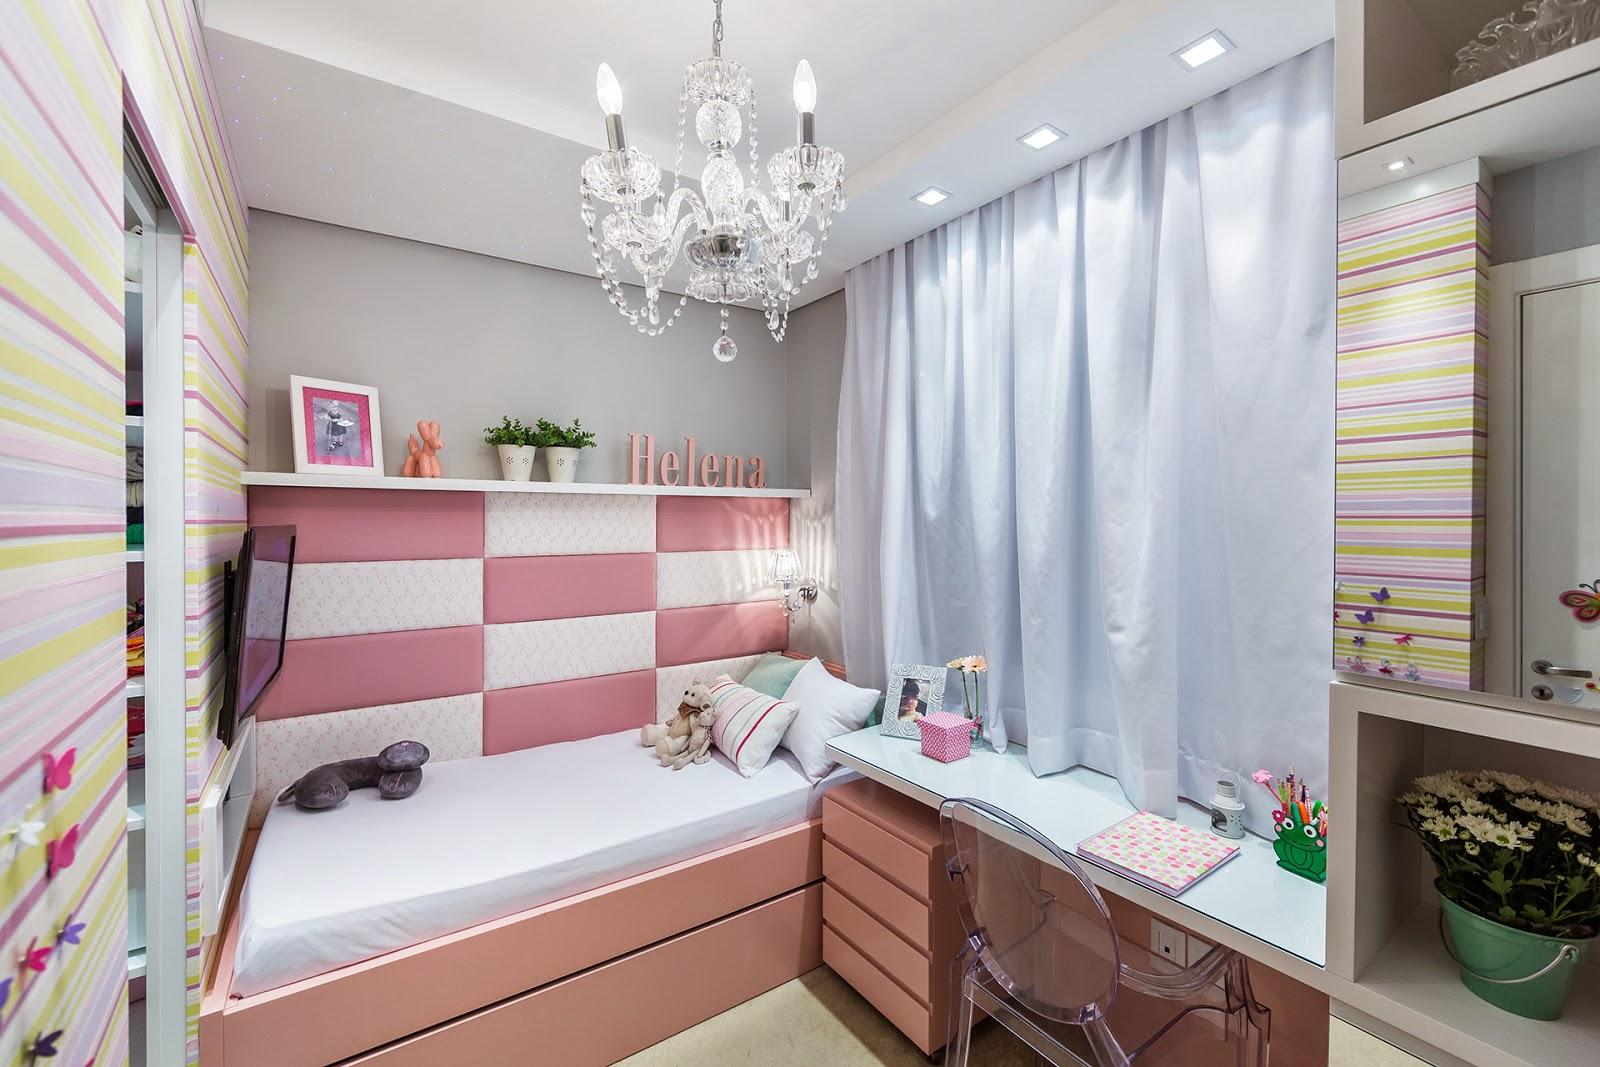 Patricia roque mariante projetos de dormit rios das crian as for Dormitorio 8m2